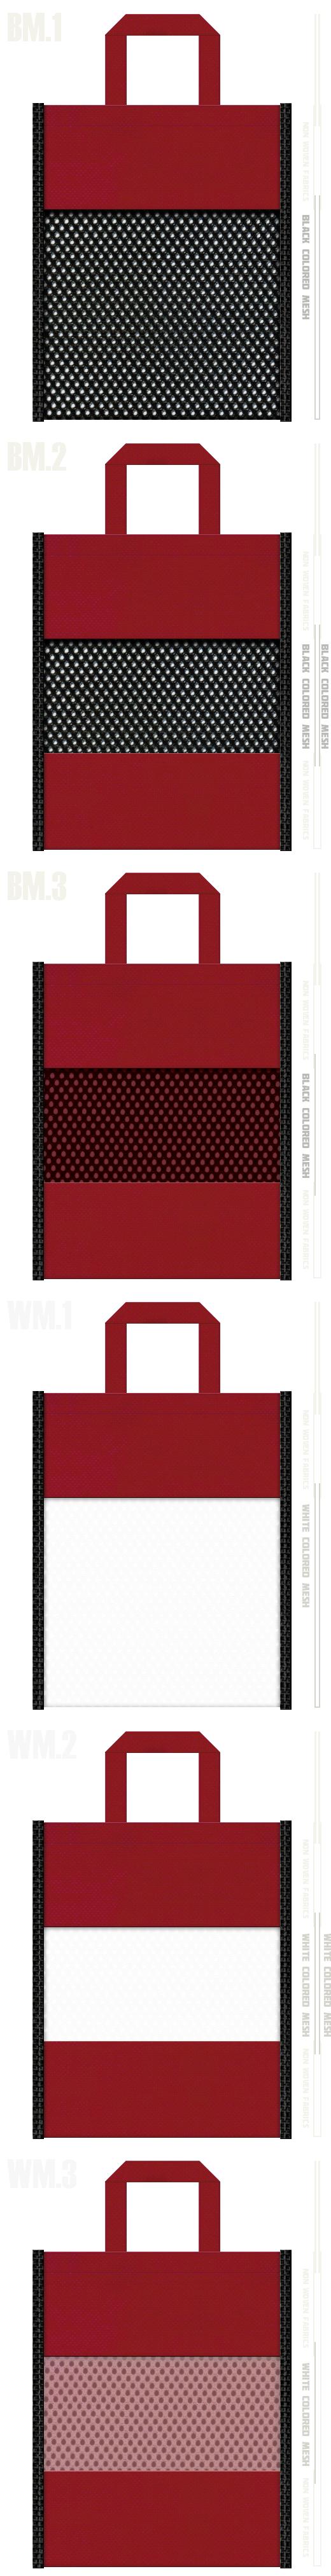 フラットタイプのメッシュバッグのカラーシミュレーション:黒色・白色メッシュとエンジ色不織布の組み合わせ